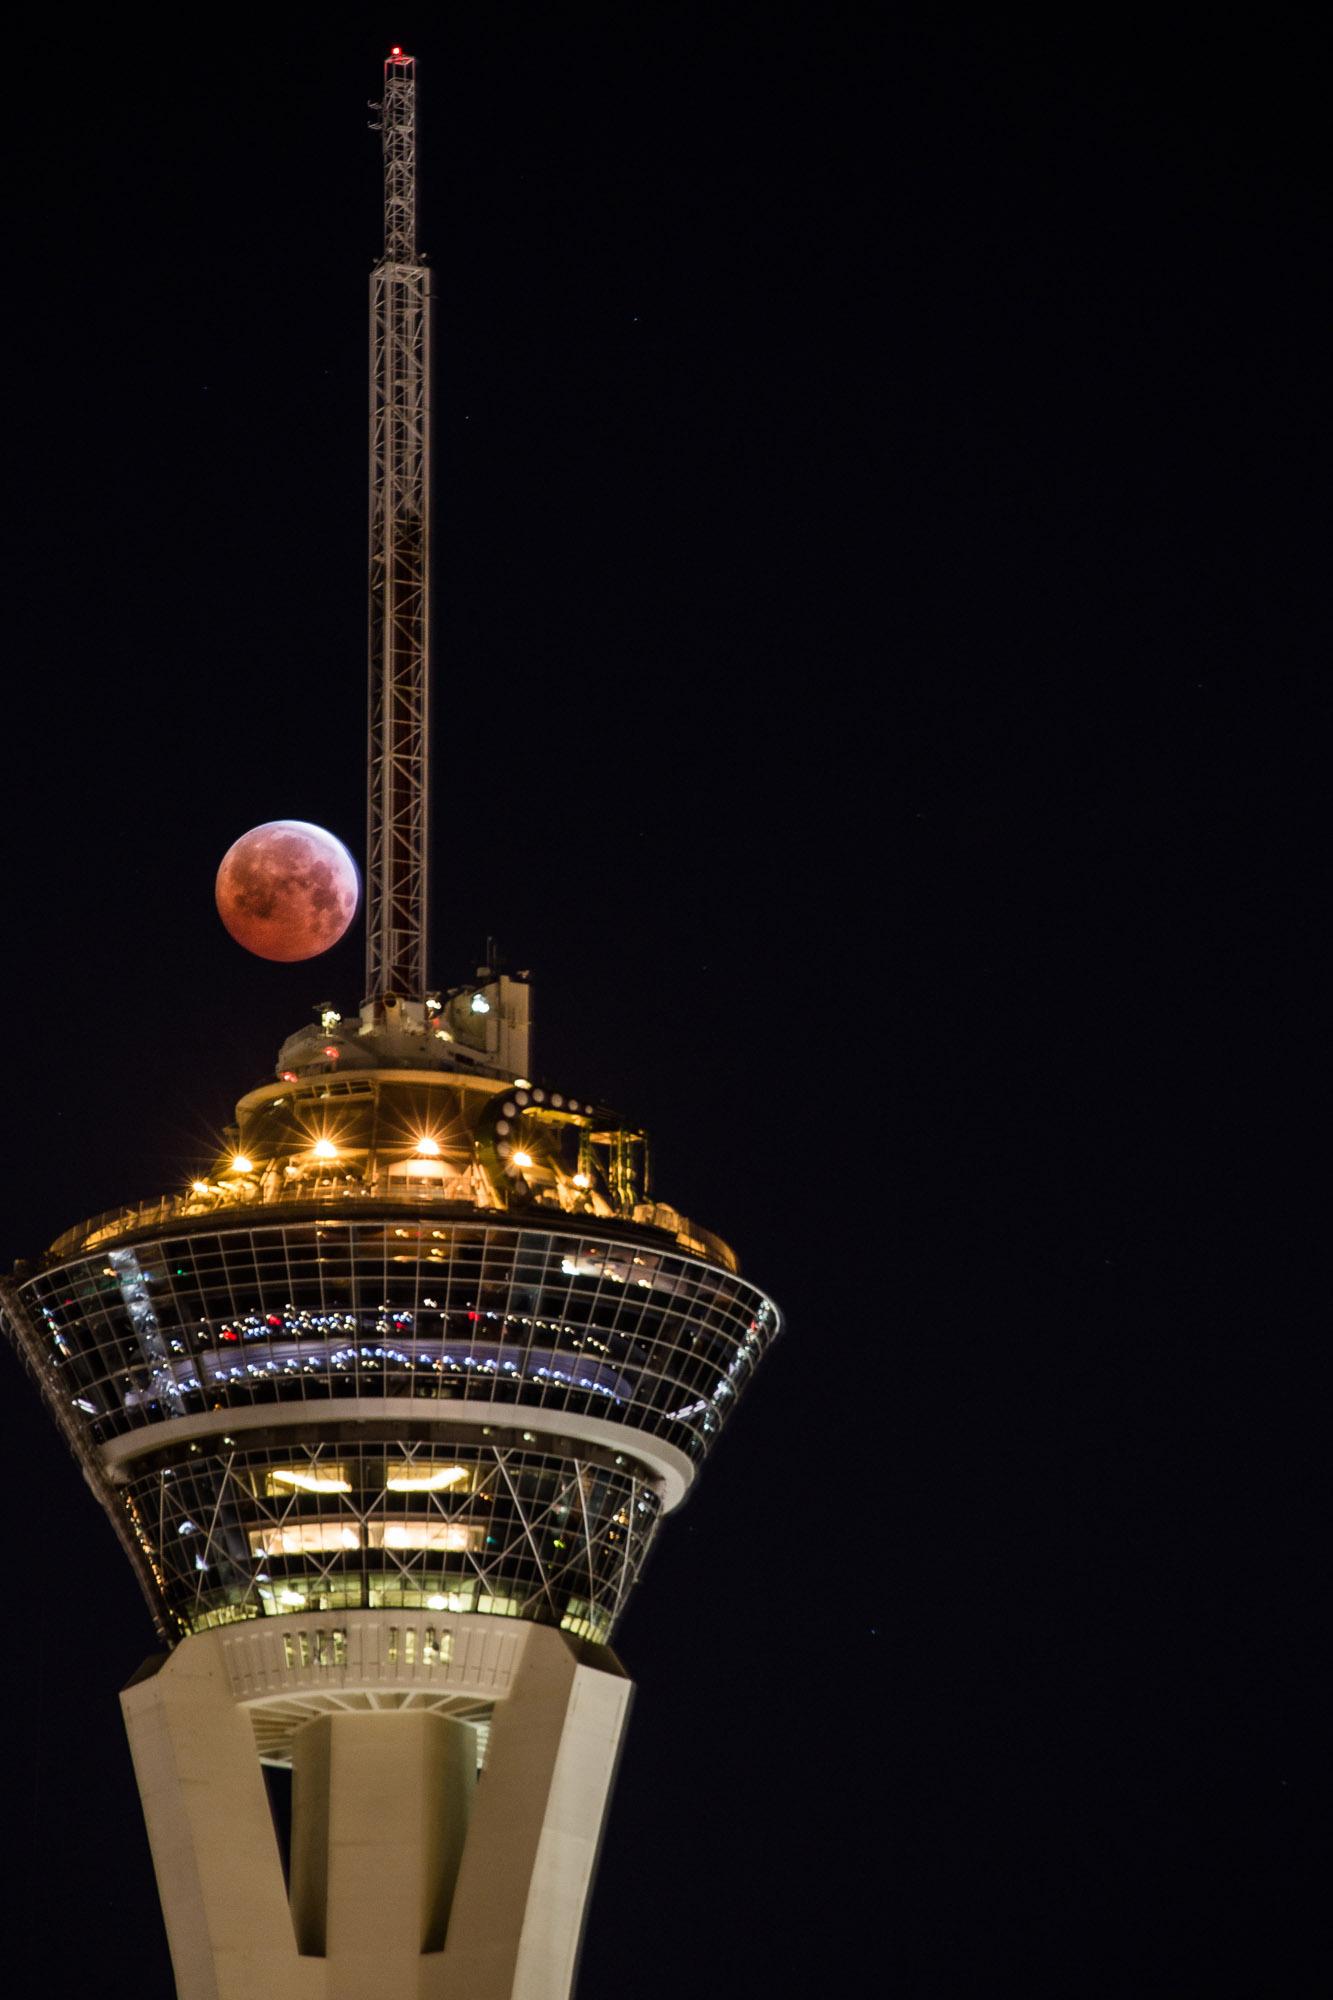 Shortest 'Blood Moon' Lunar Eclipse of the Century Thrills Skywatchers